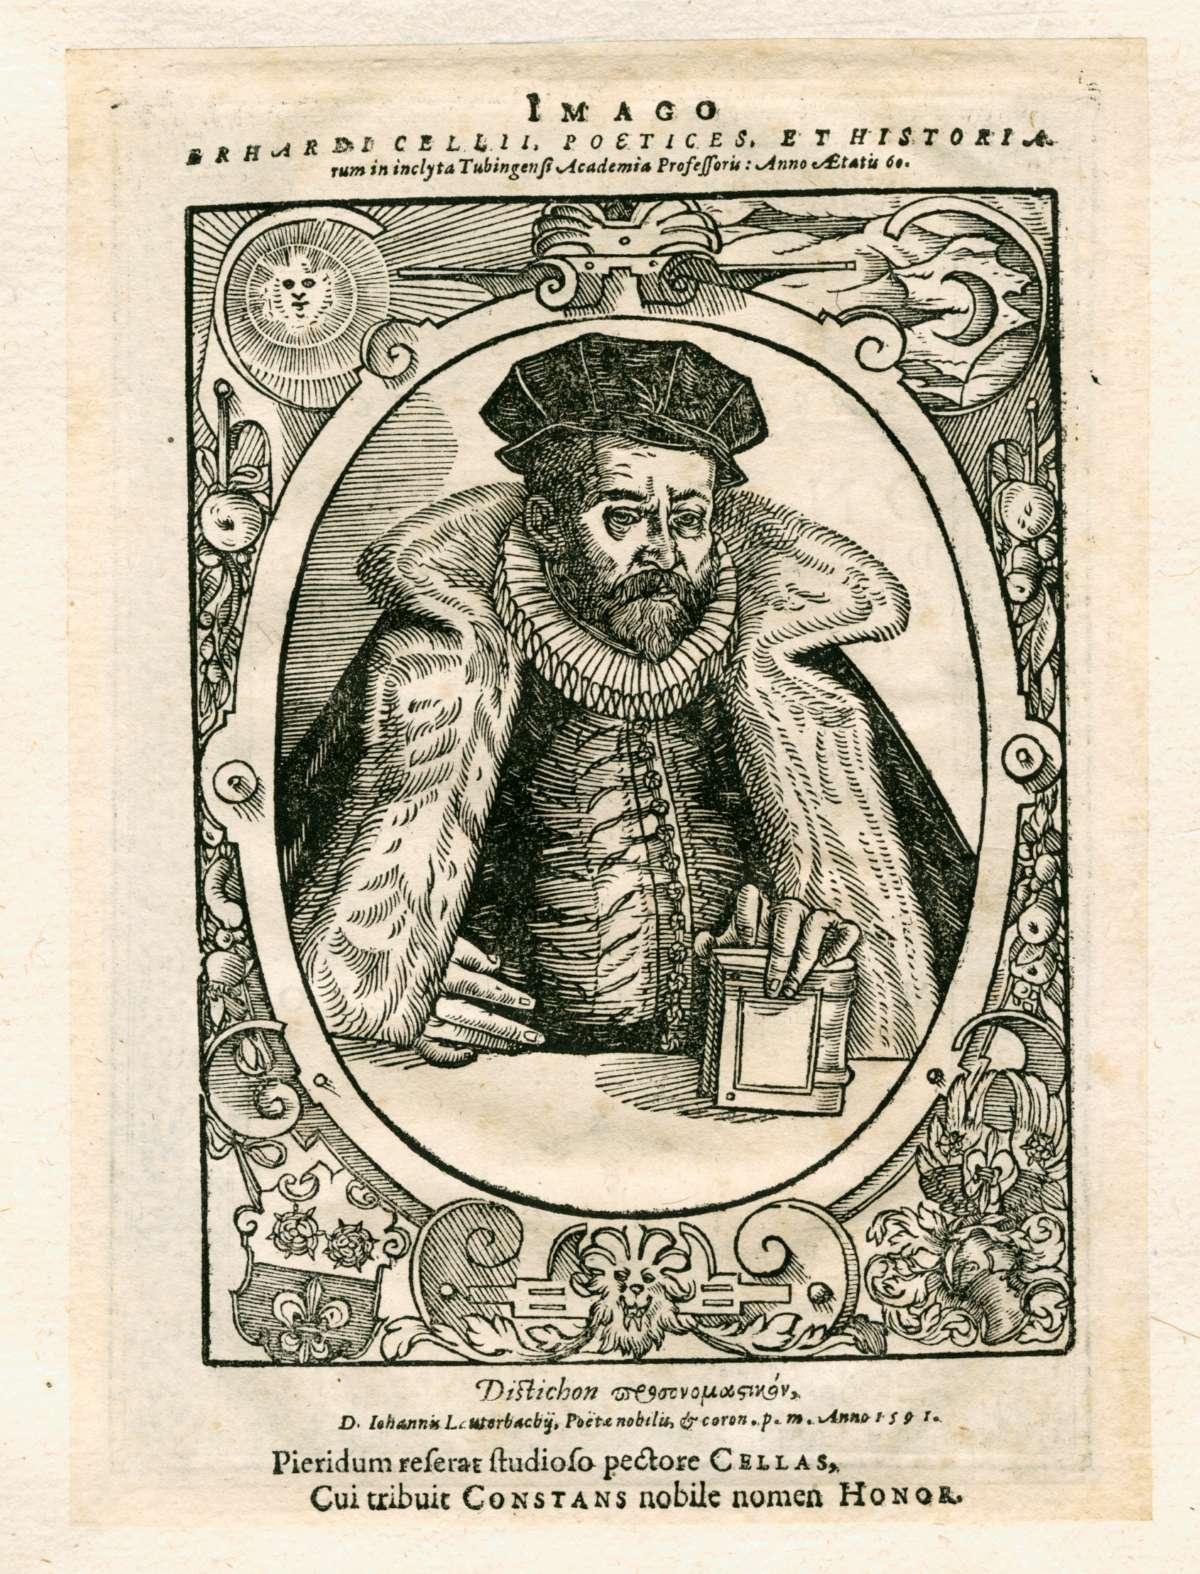 Leichenpredigten zu Mitgliedern der Familien Canz, Cellius (Horn), Carolus, von Castonier und Cellarius, Bild 1